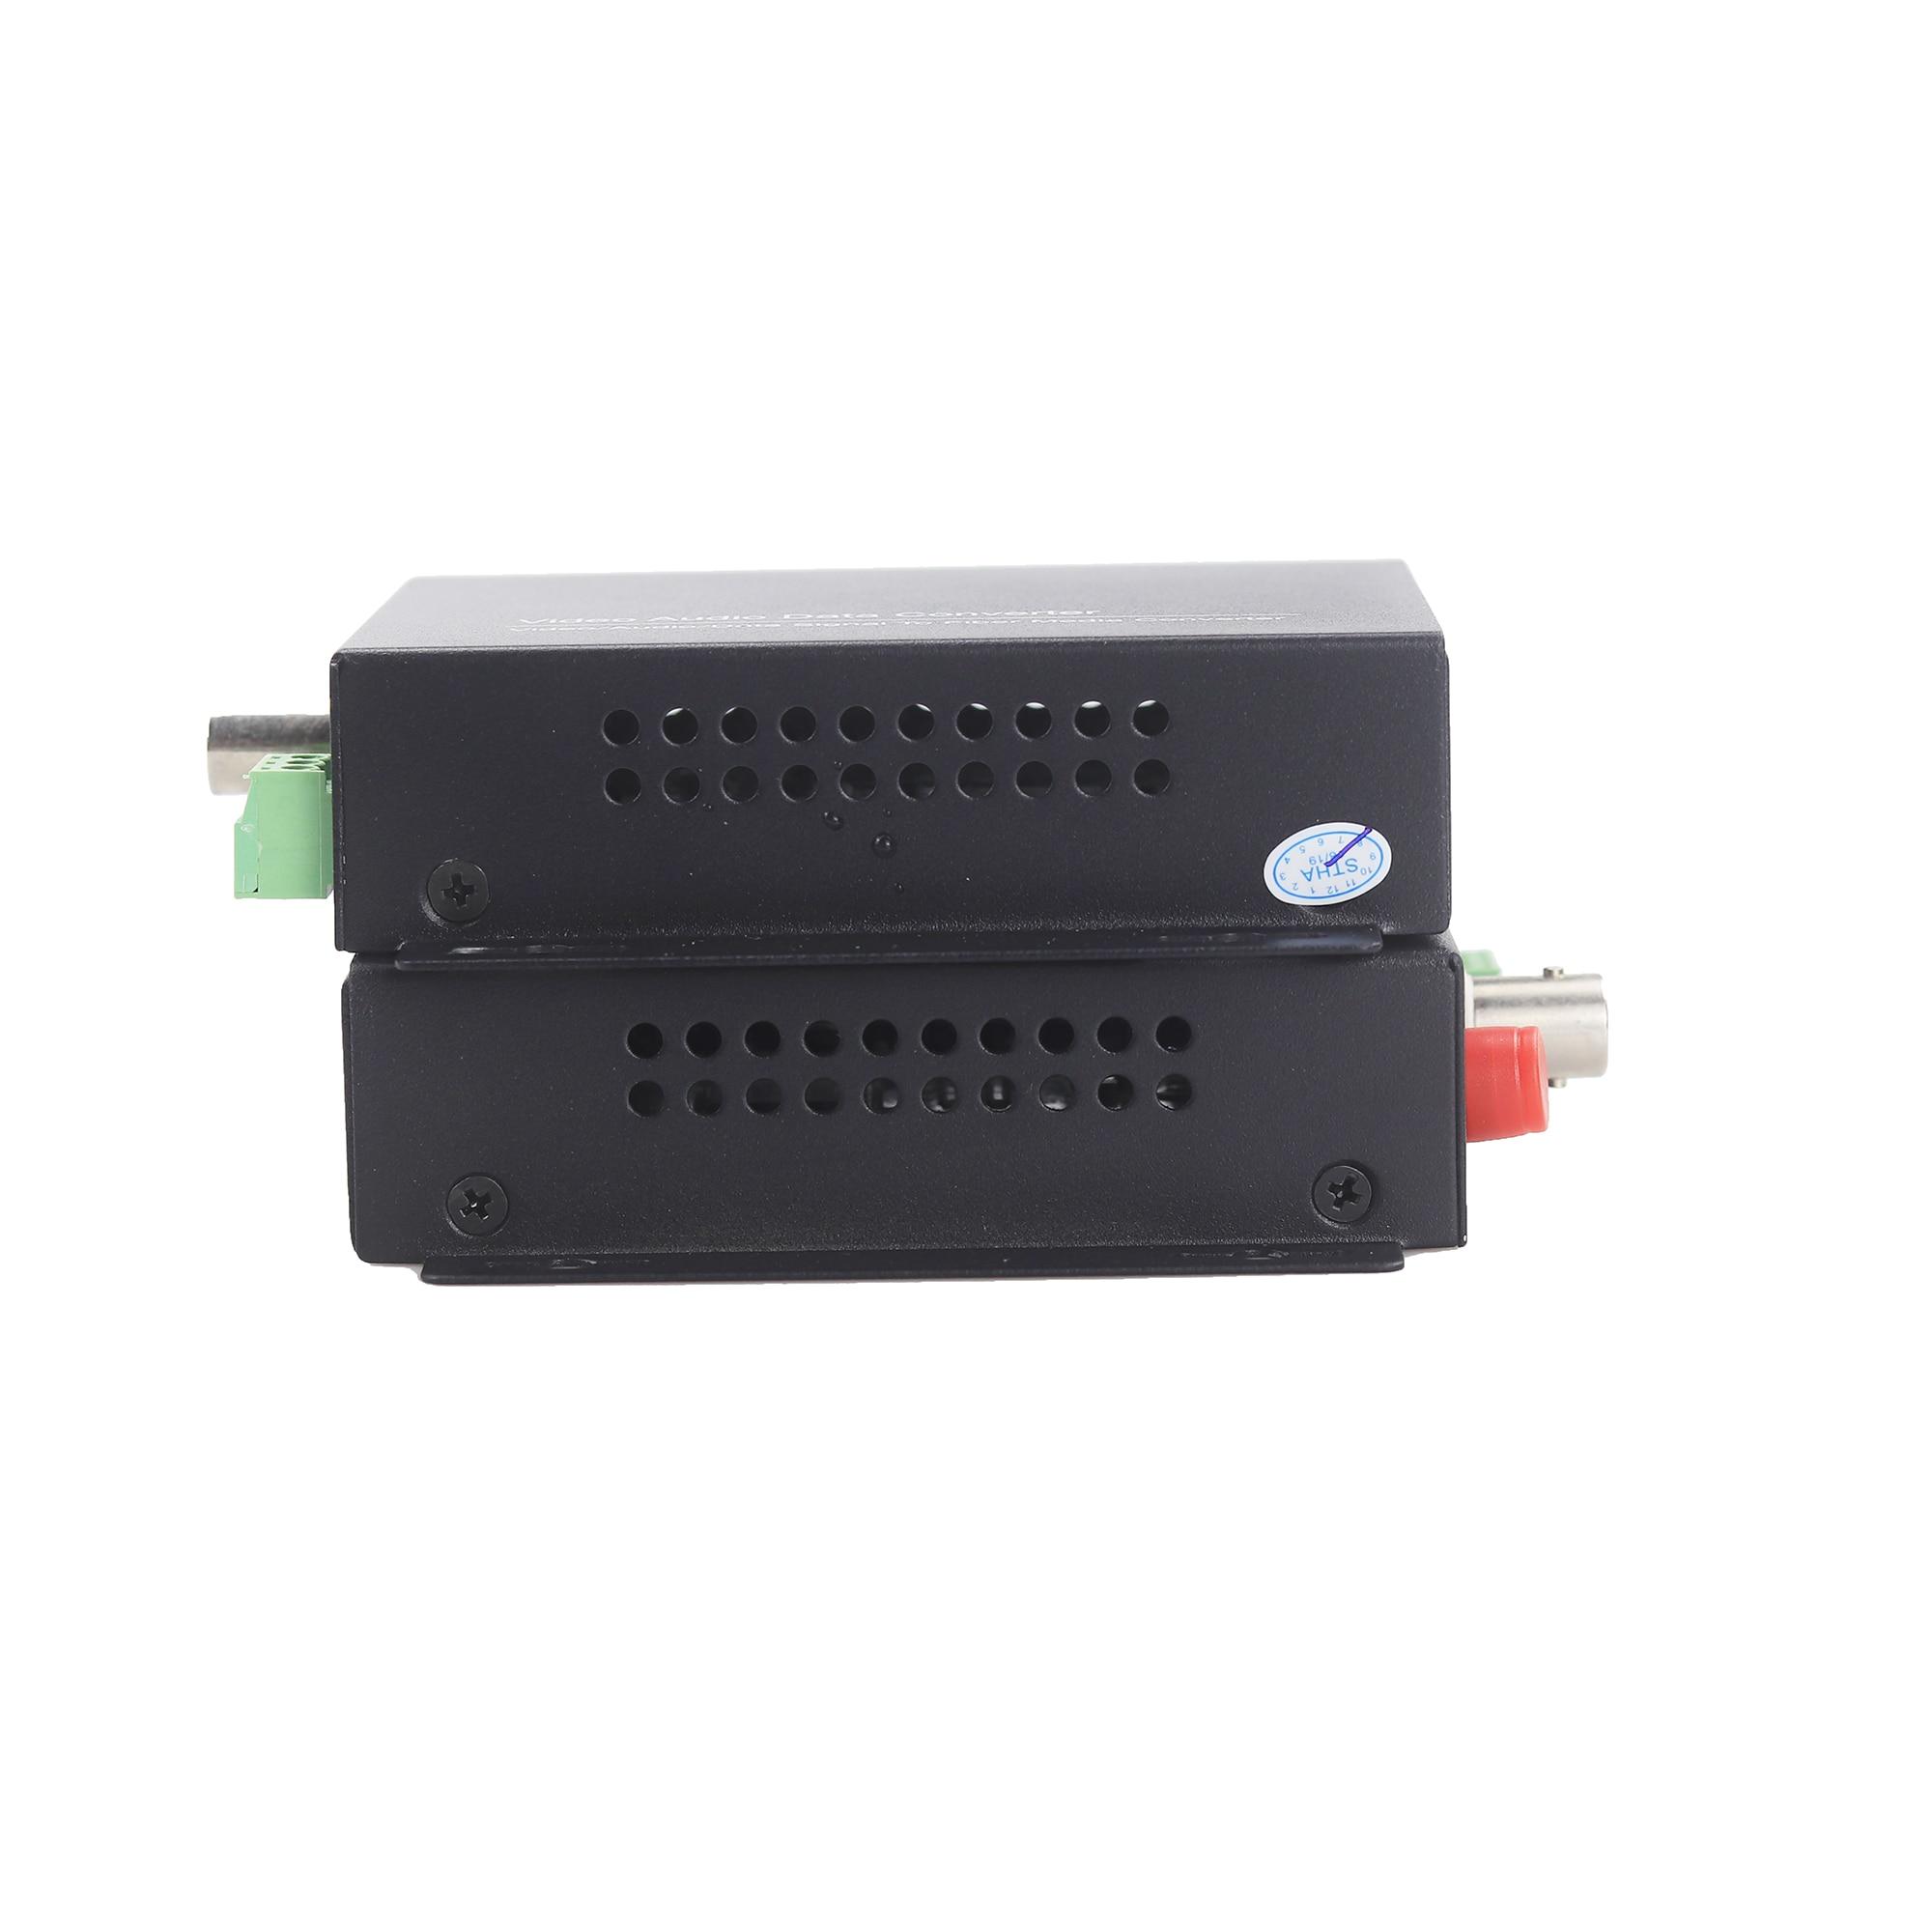 GZGMET 20Km 1 Kanal Video Extender Singlemode LWL Medienkonverter - Schutz und Sicherheit - Foto 3